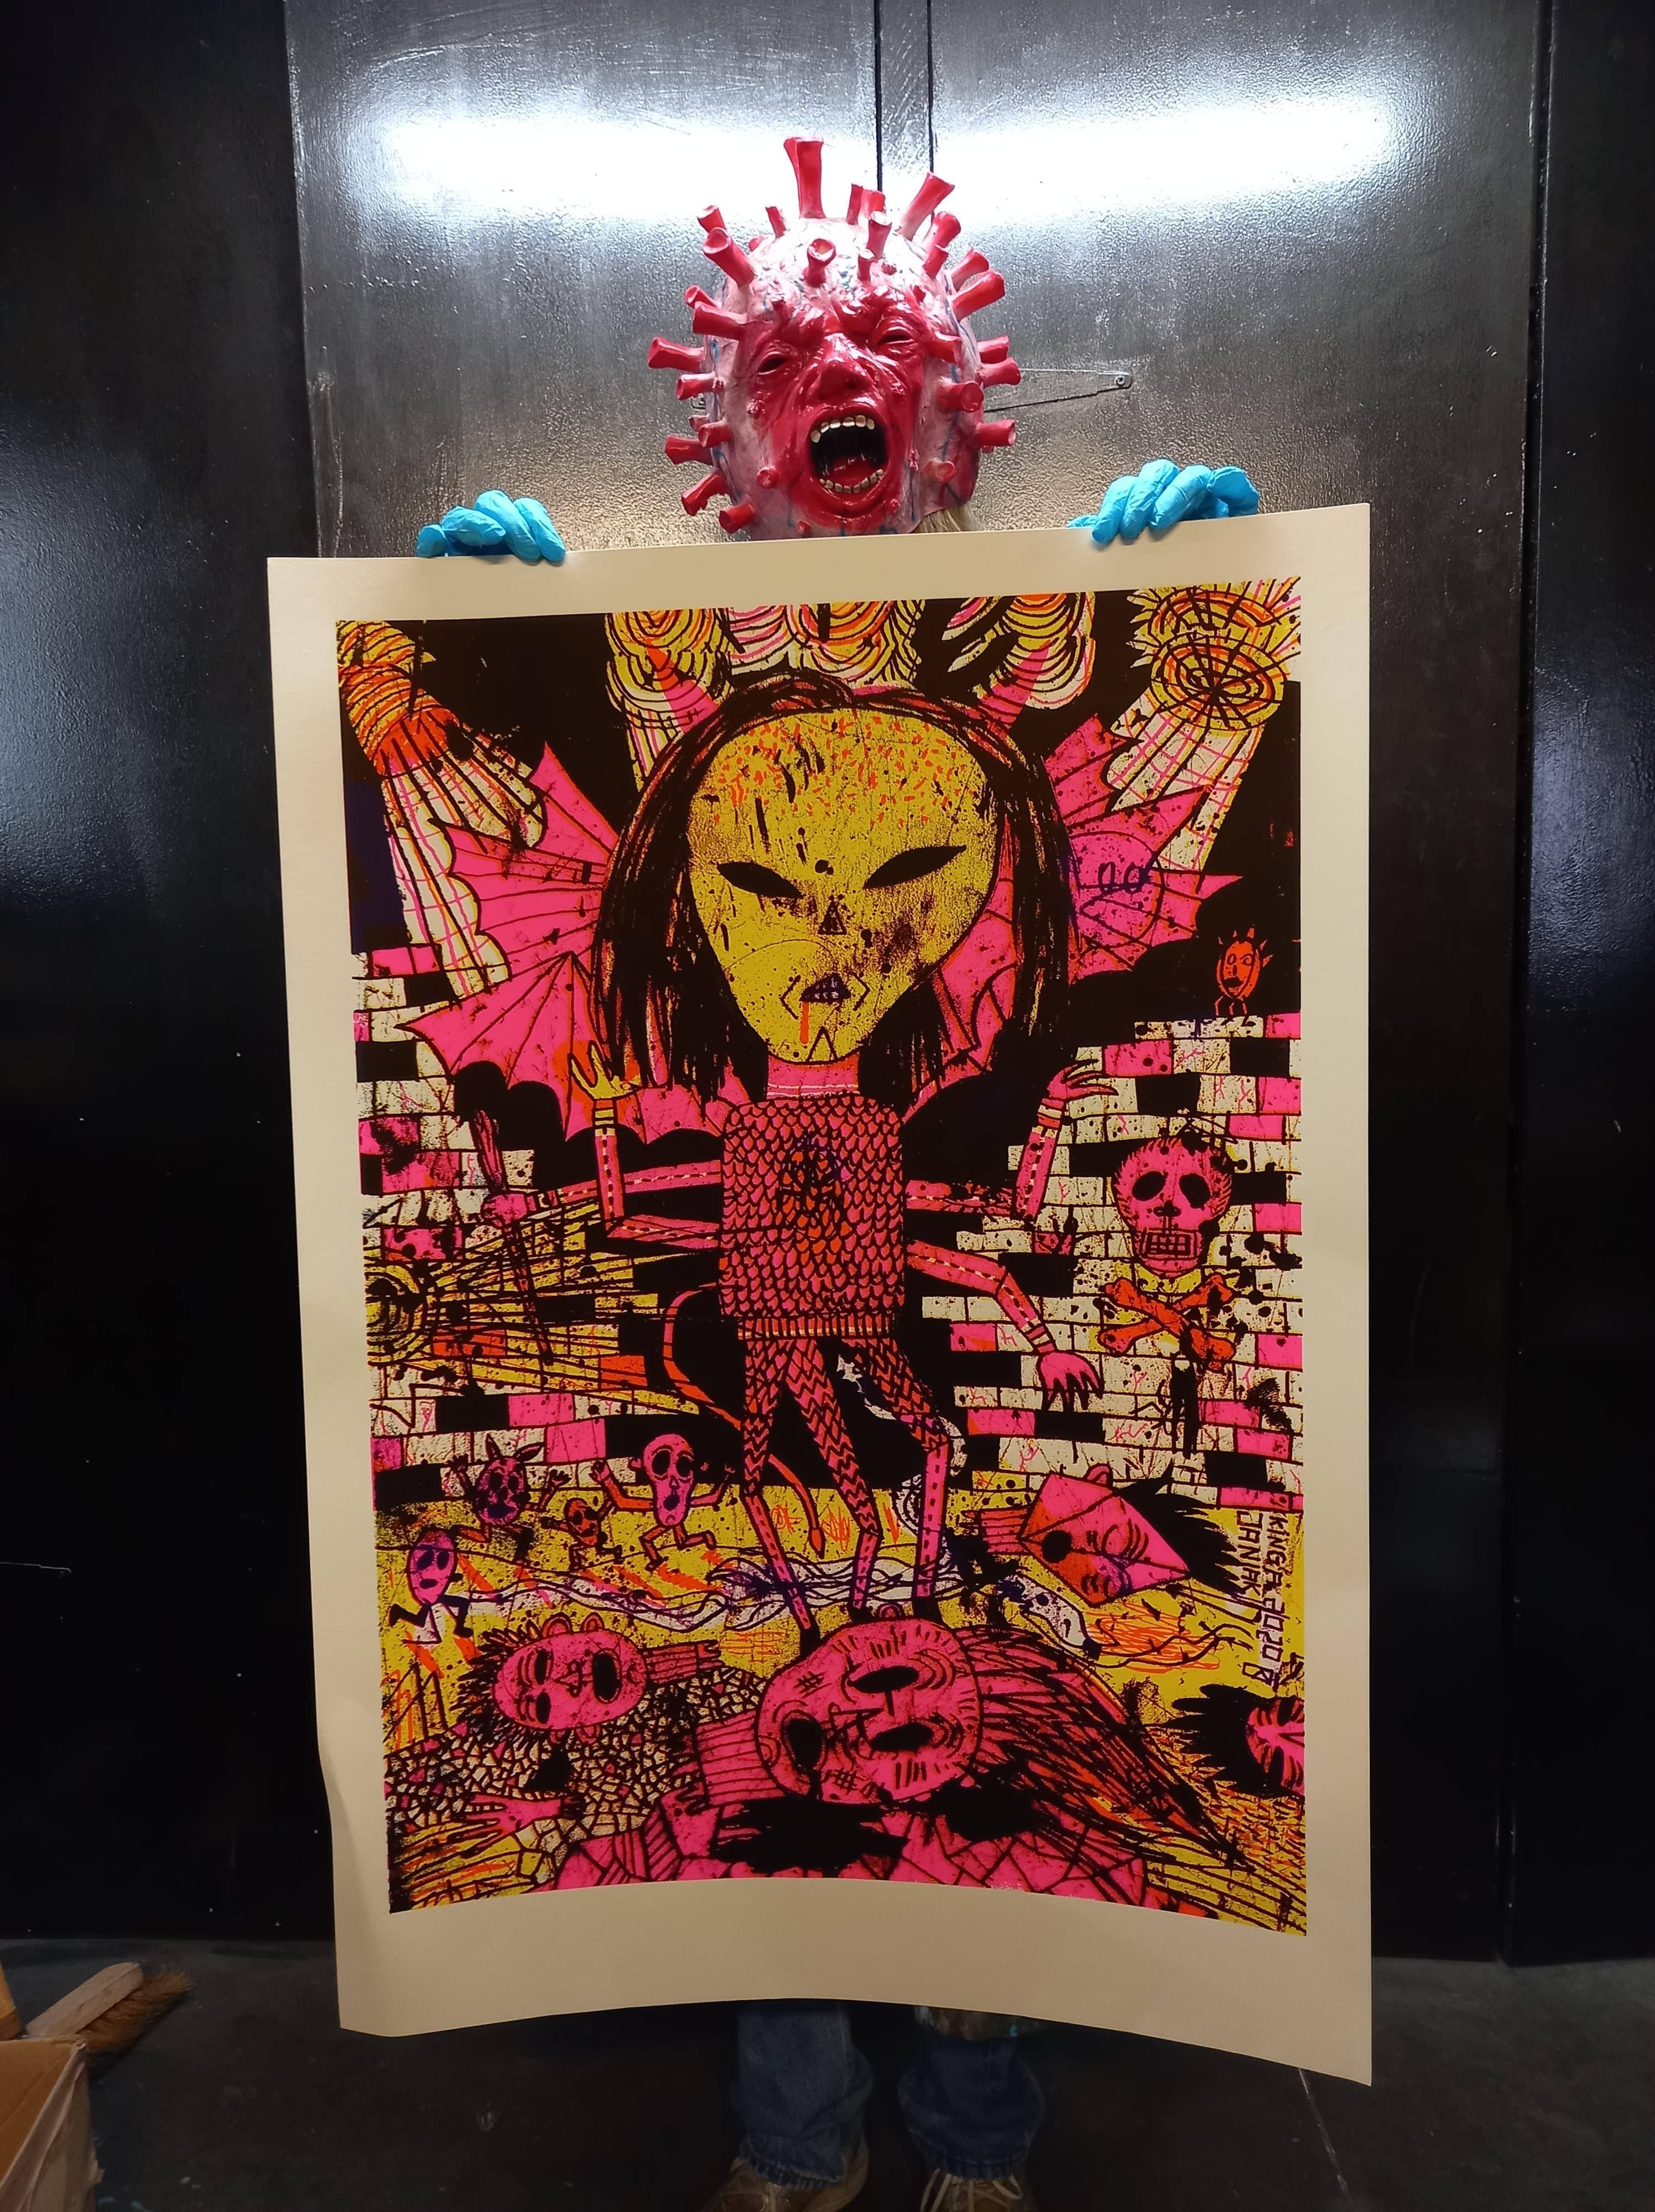 4 colors sickscreen / 50-70 cm / paper fedrigoni 300 grm / 50 copies